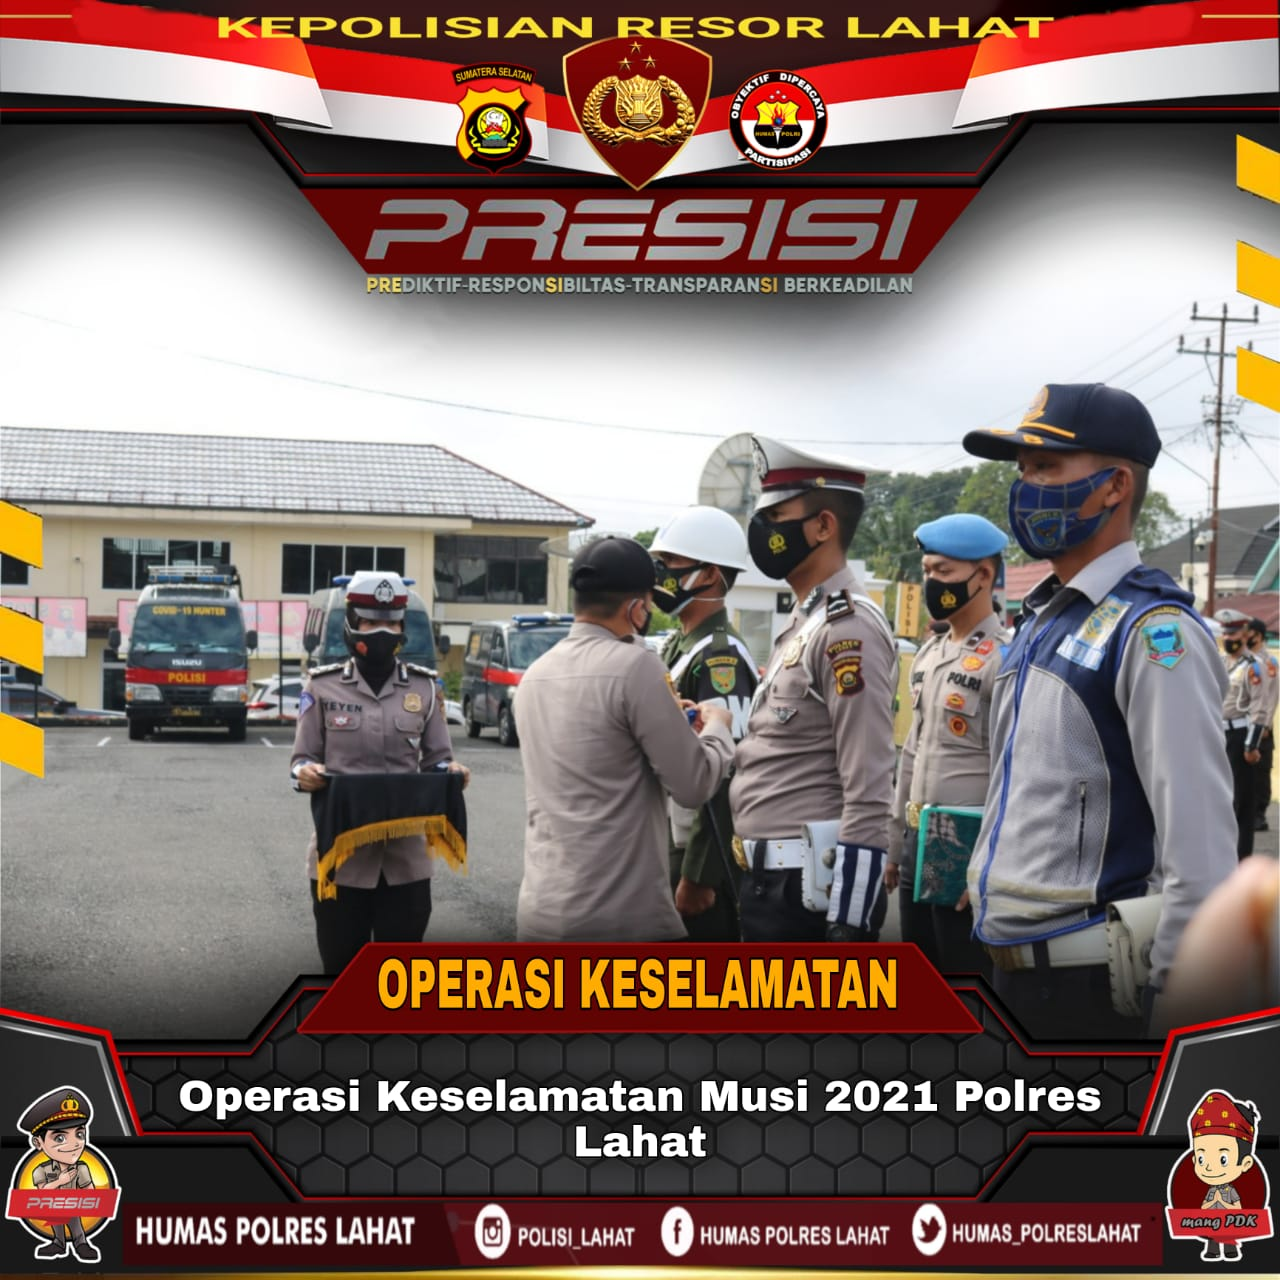 Kapolres Lahat AKBP Ahmad Gusti Hartono SIK memimpin Apel Pasukan Operasi Keselamatan Musi 2021 di lapangan Mapolres Lahat, Sumatera Selatan, Senin (12/4/2021).